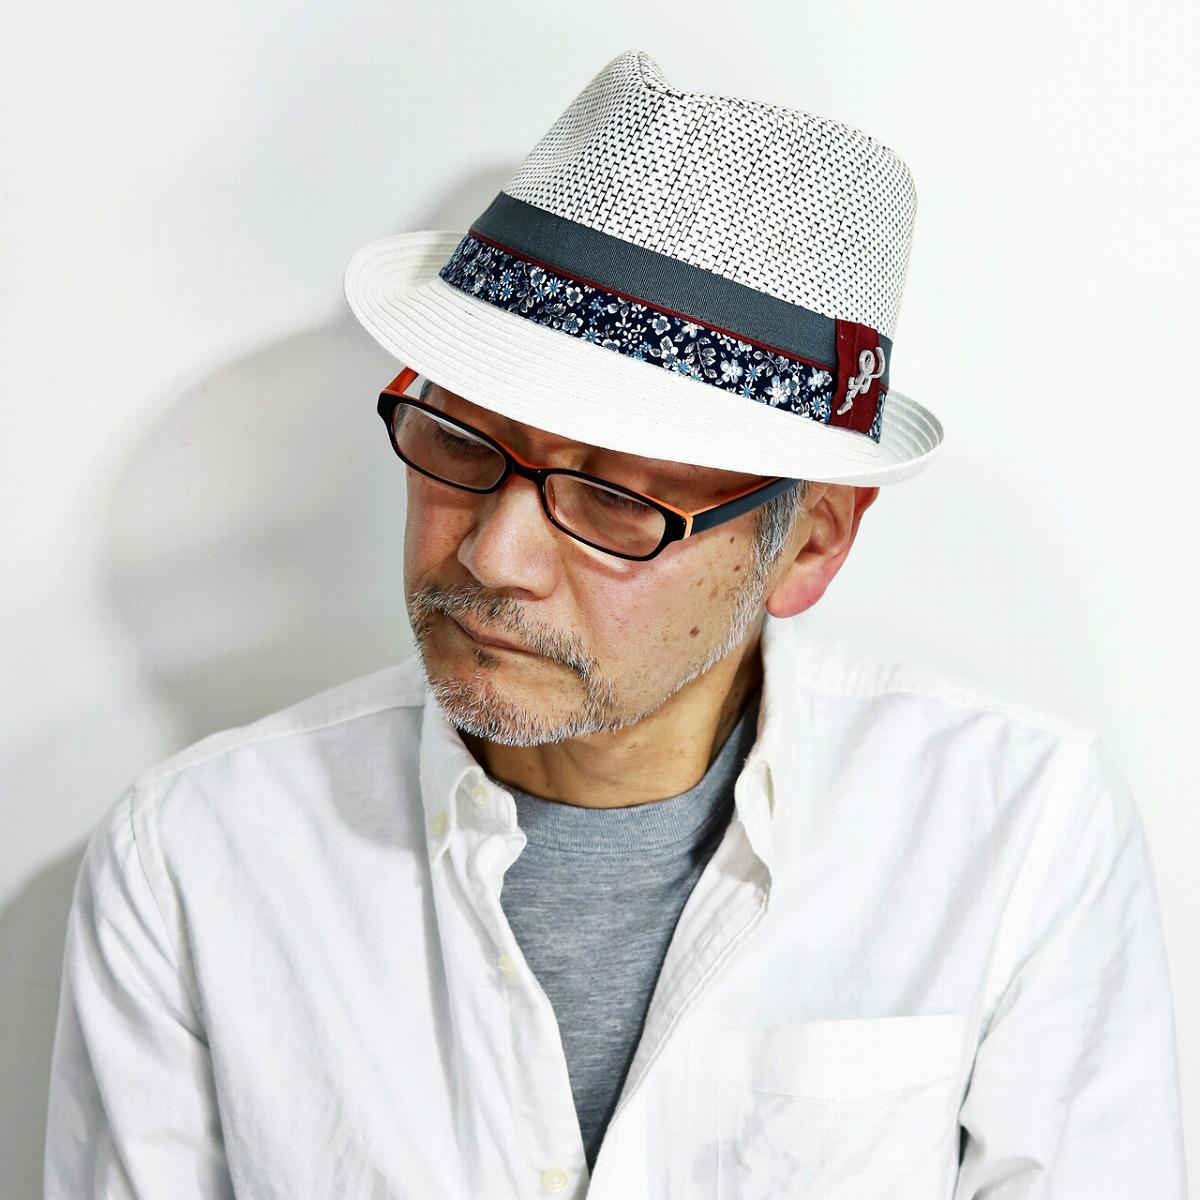 CARLOS SANTANA 春 夏 帽子 メンズ ペーパー素材 DORSEY ストローハット 涼しい カルロスサンタナ ハット 花柄リボン レディース 中折れ帽 紳士 麦わら帽 ギターモチーフ M L XL リゾートコーデ / 白 ホワイト [ straw hat ]